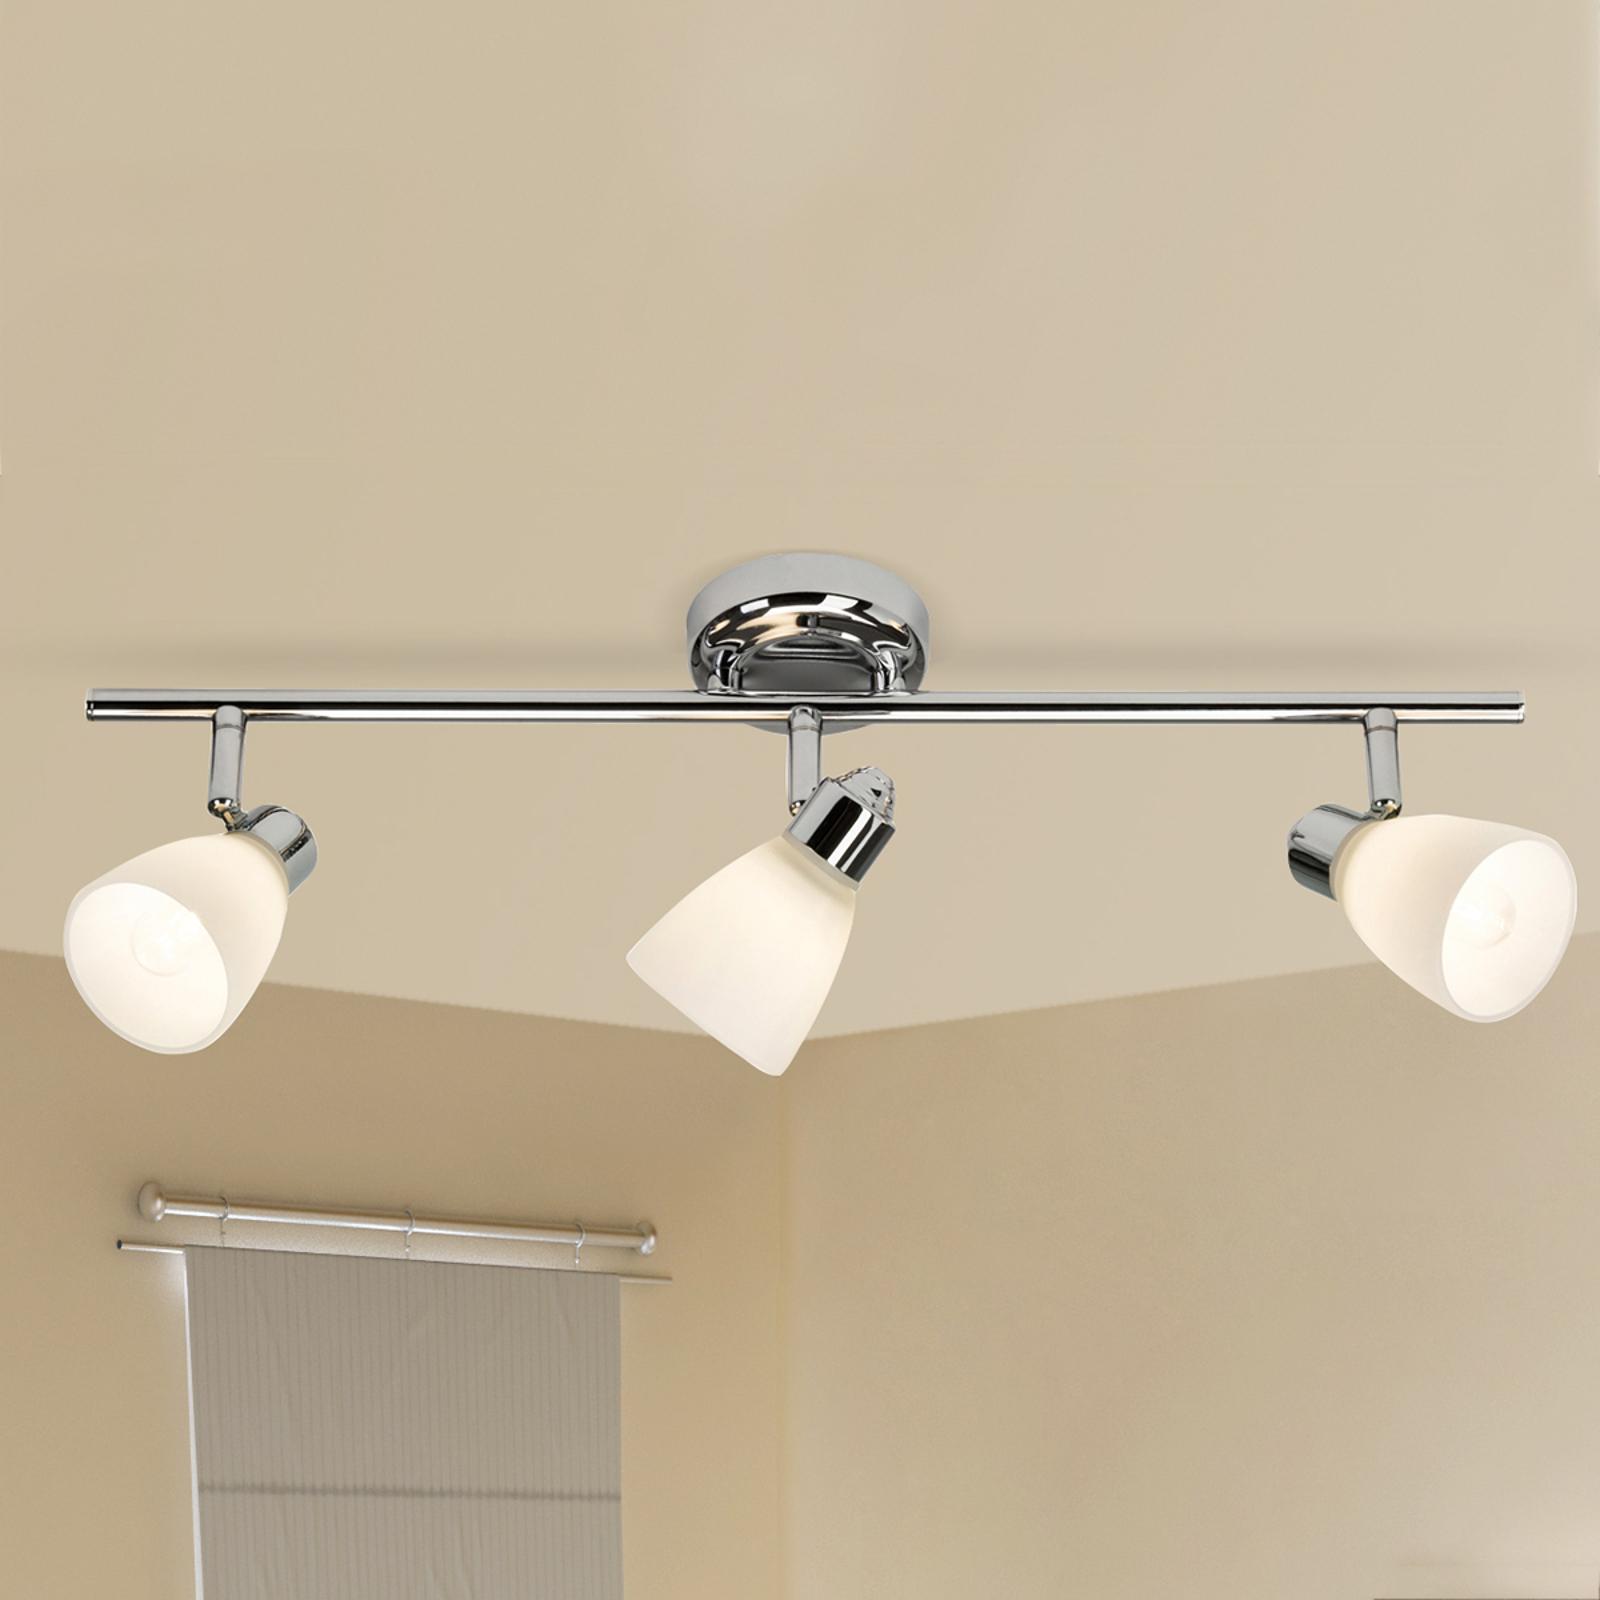 Lámpara de techo Kensington 3 brazos con IP44